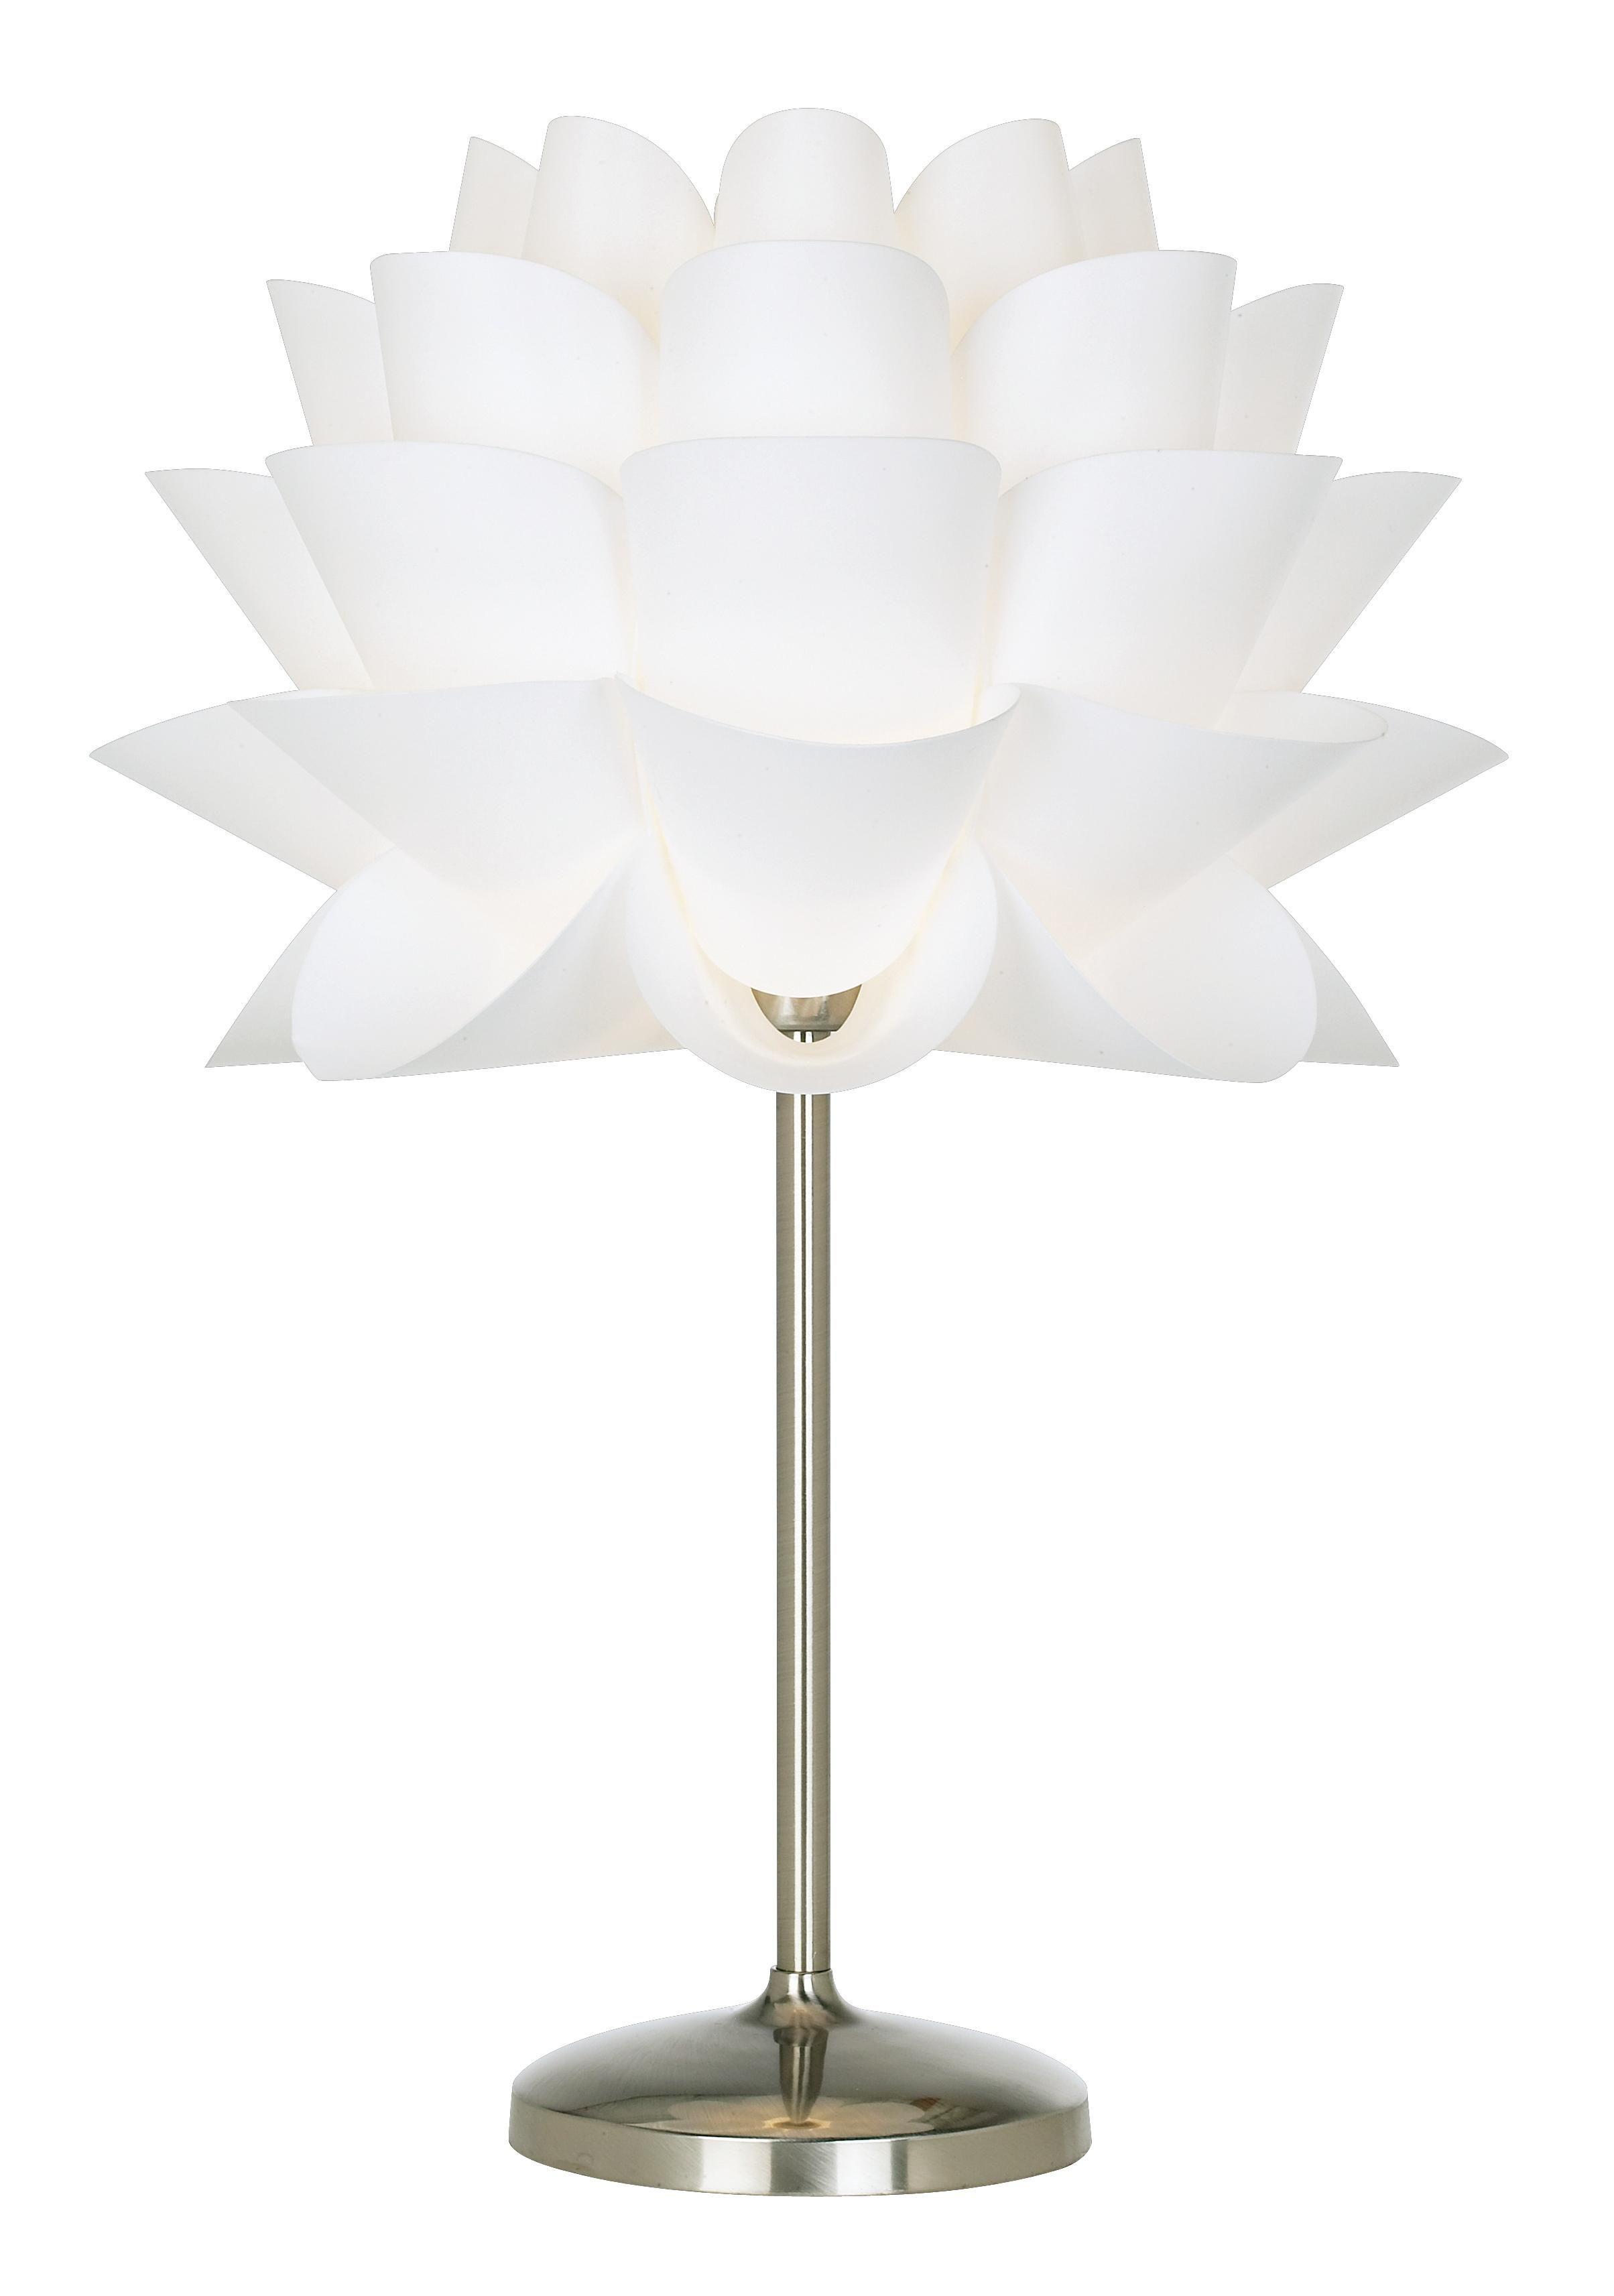 Possini euro design white flower acrylic shade table lamp for Very modern lighting